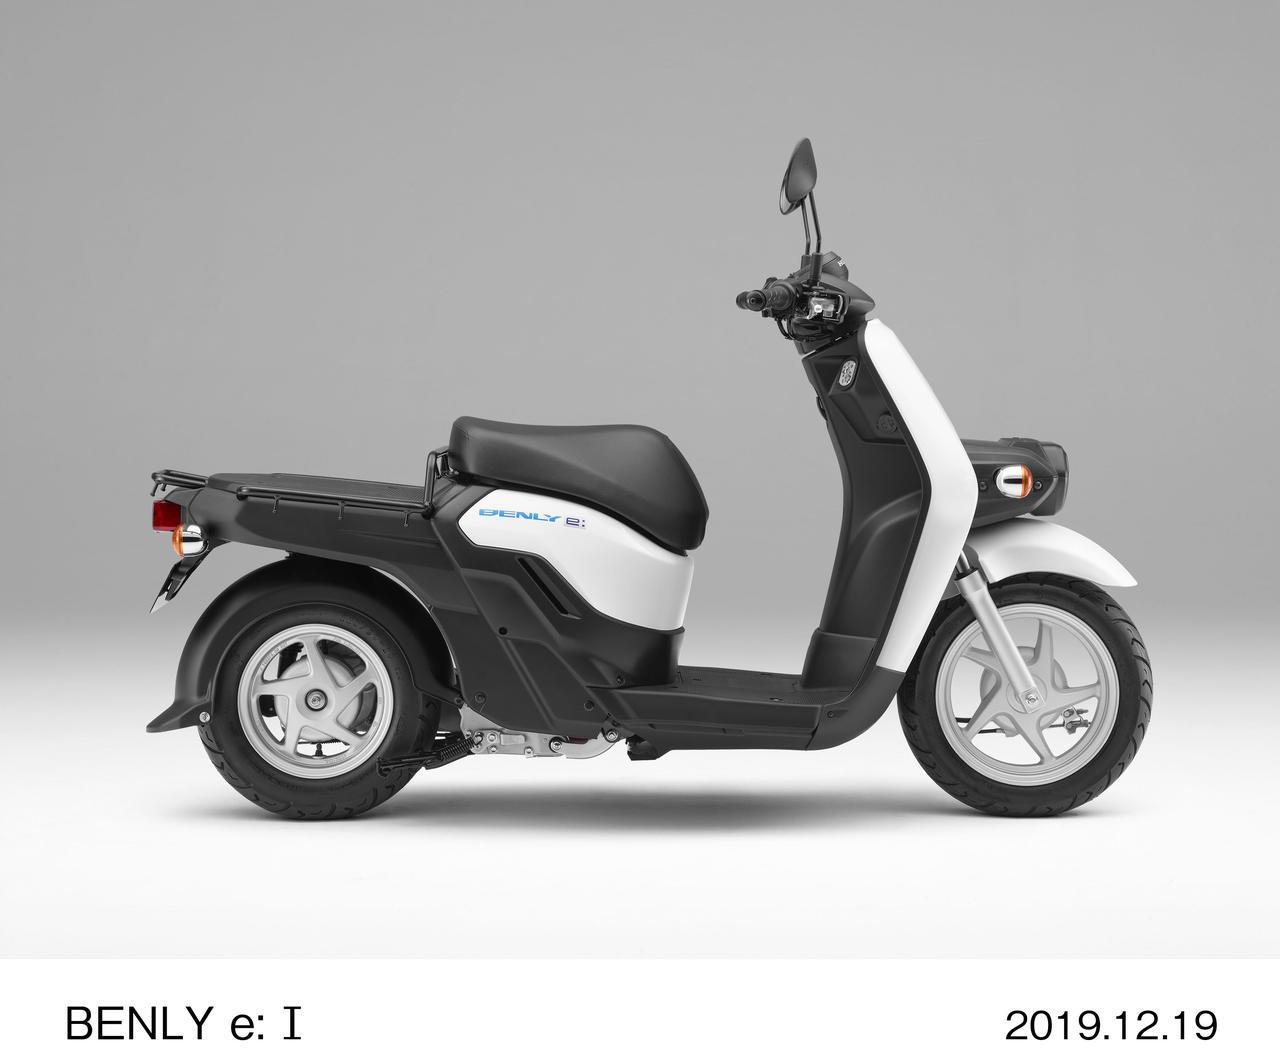 画像2: 【ホンダ】電動バイク「BENLY e:」シリーズの価格が決定! 原付二種相当の「BENLY e: Ⅱ」や〈プロ〉仕様車も同時発表